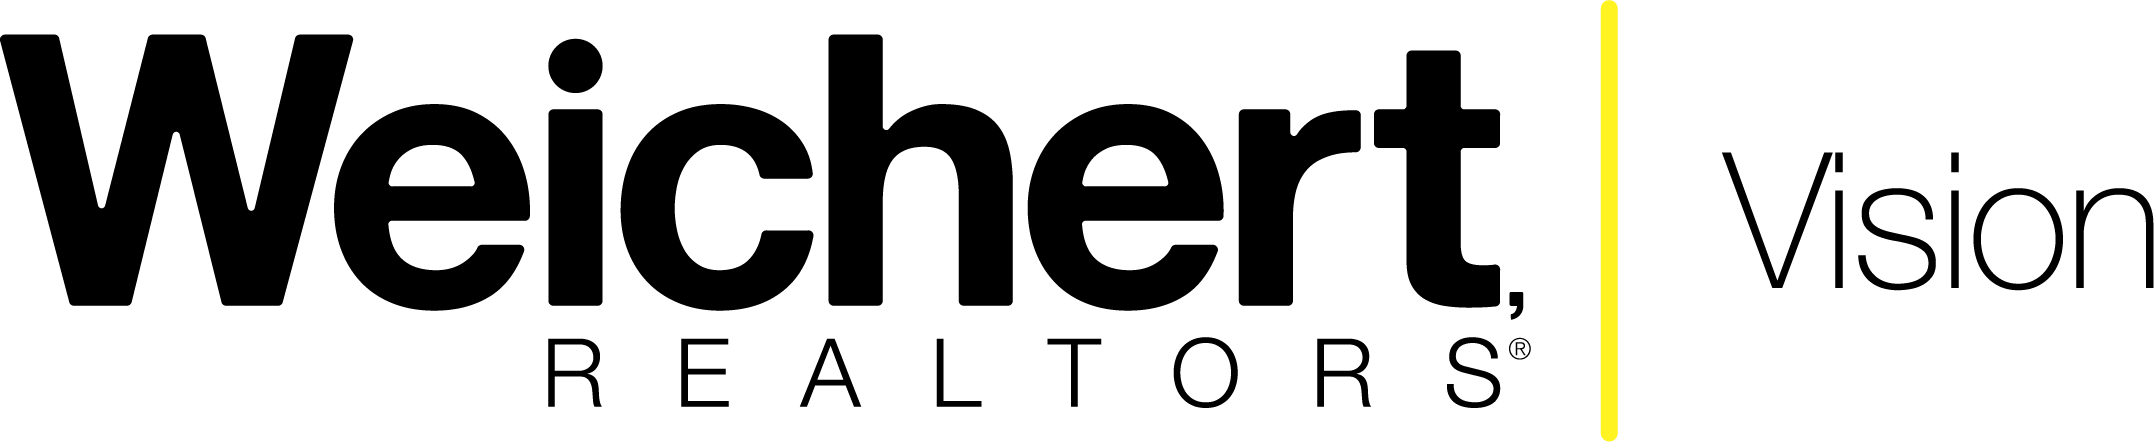 Weichert Realtors - Vision Logo